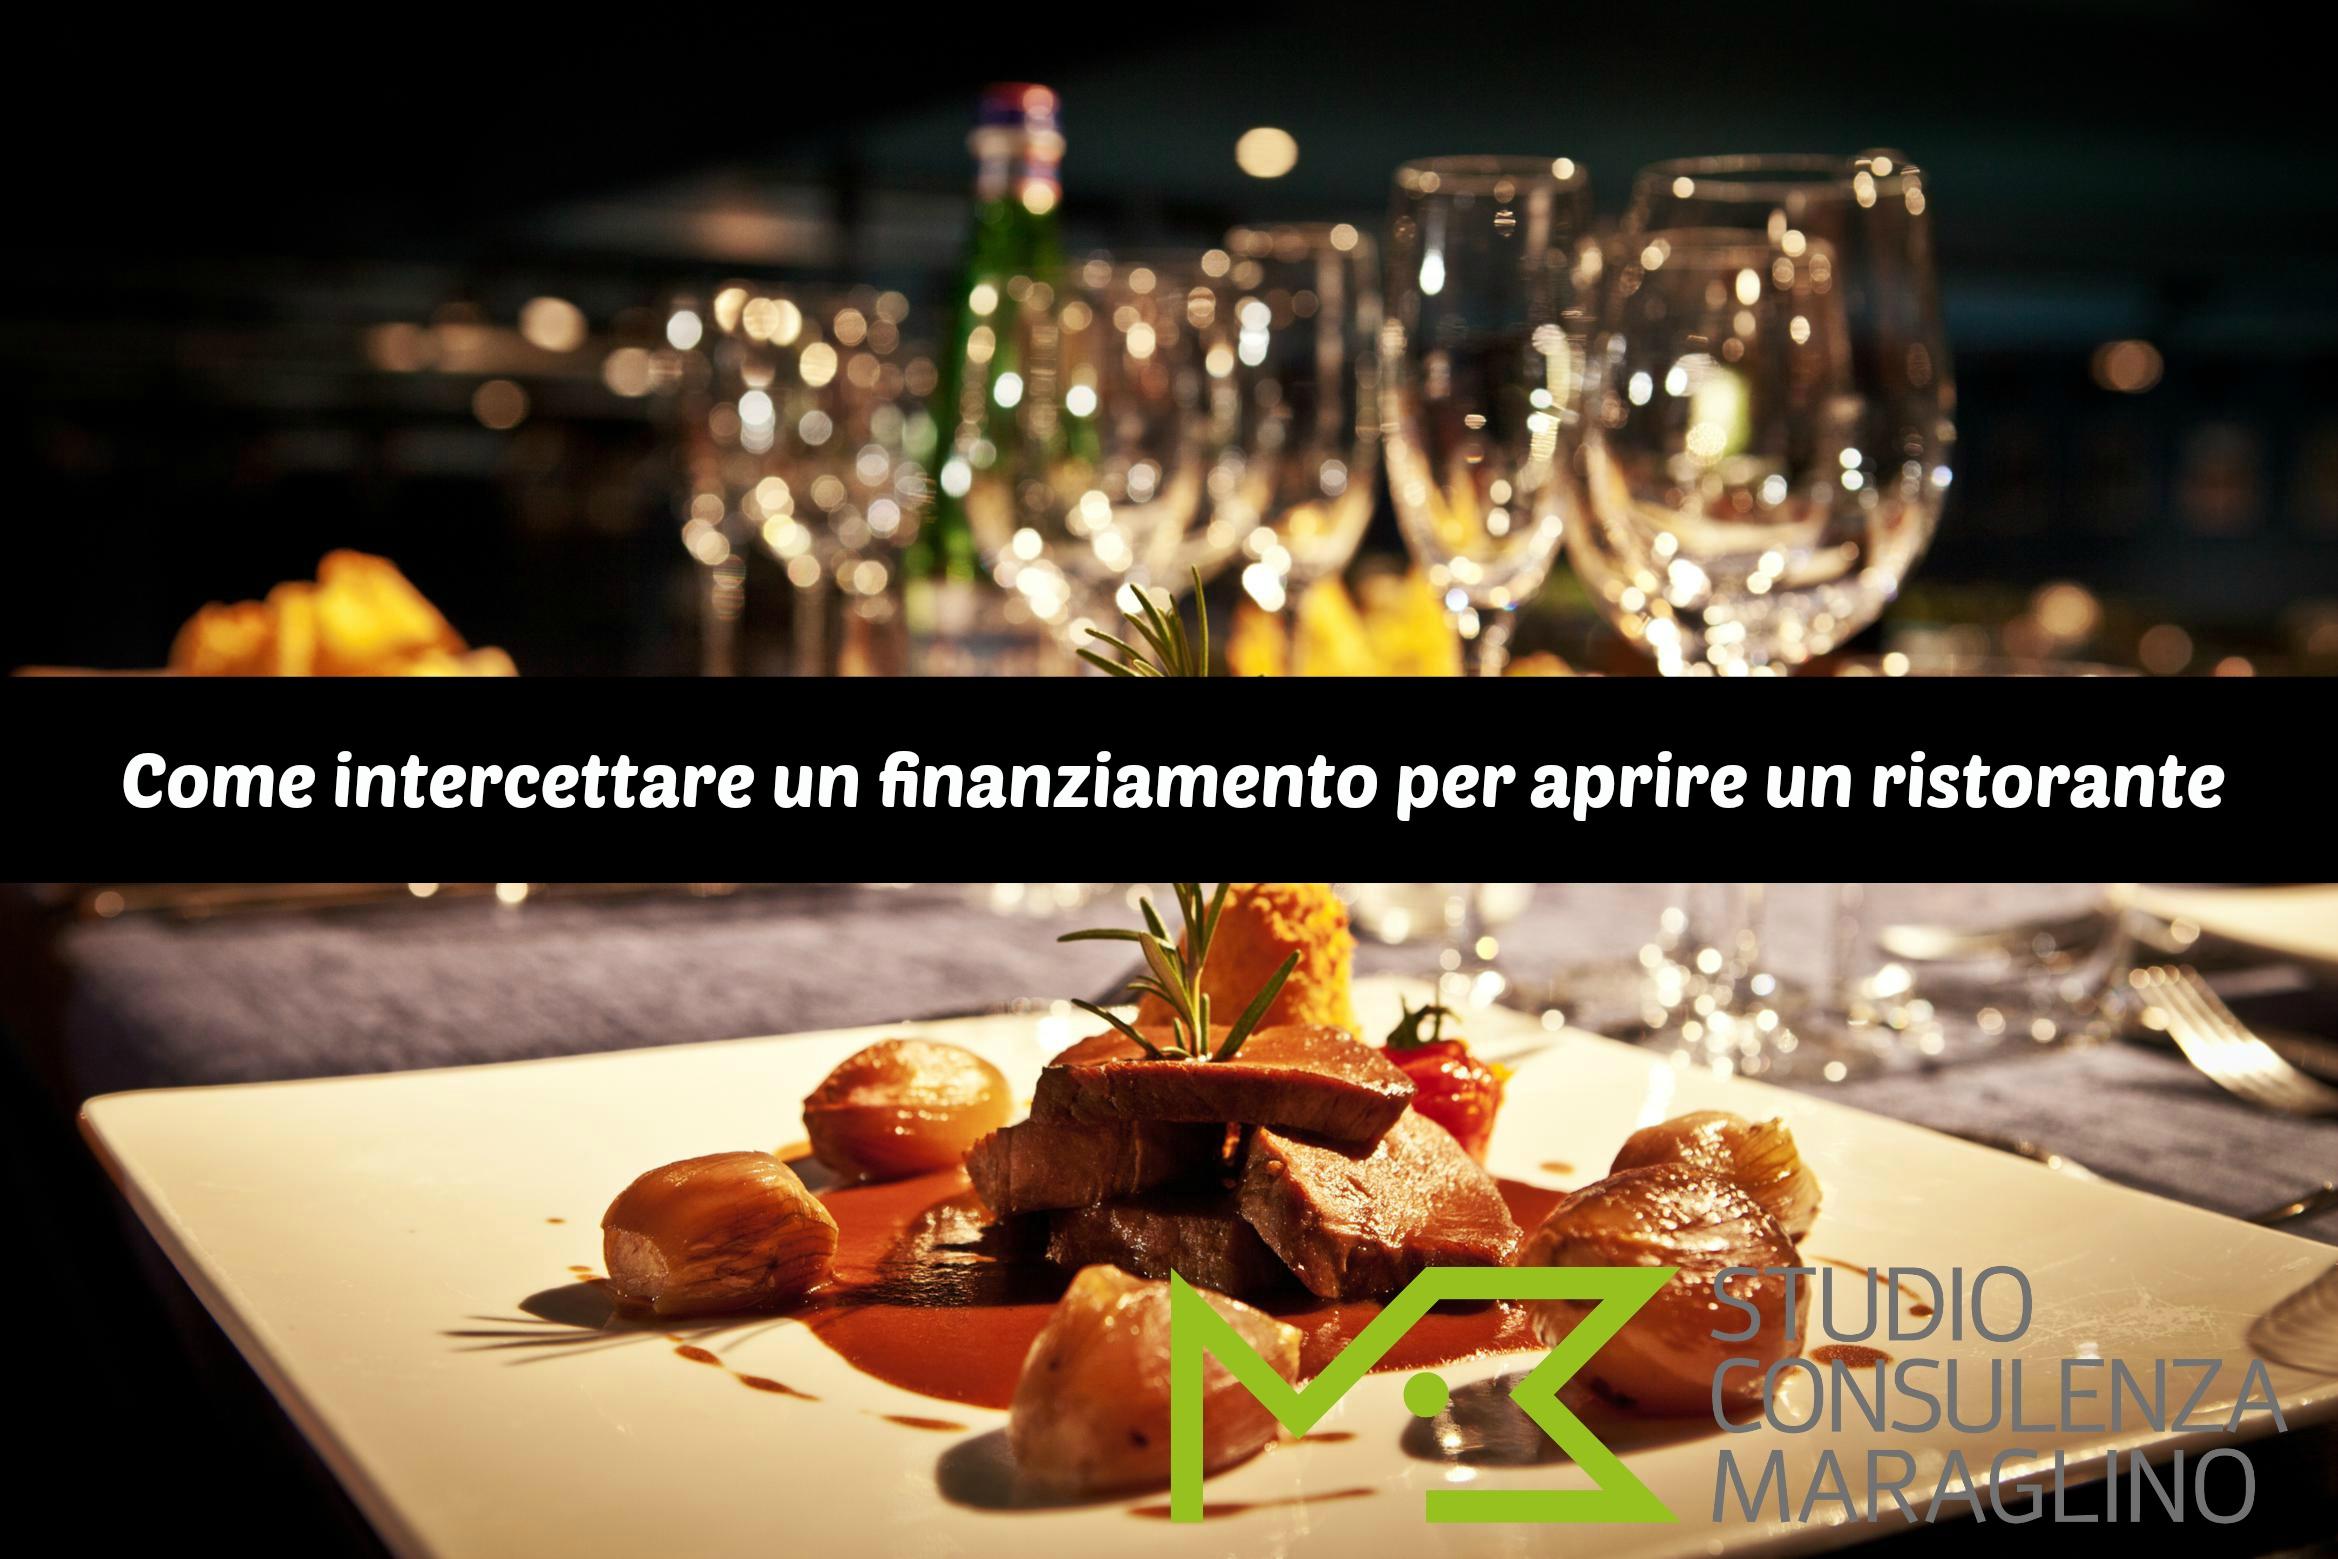 Come intercettare un finanziamento per aprire un ristorante - #StudioMaraglino